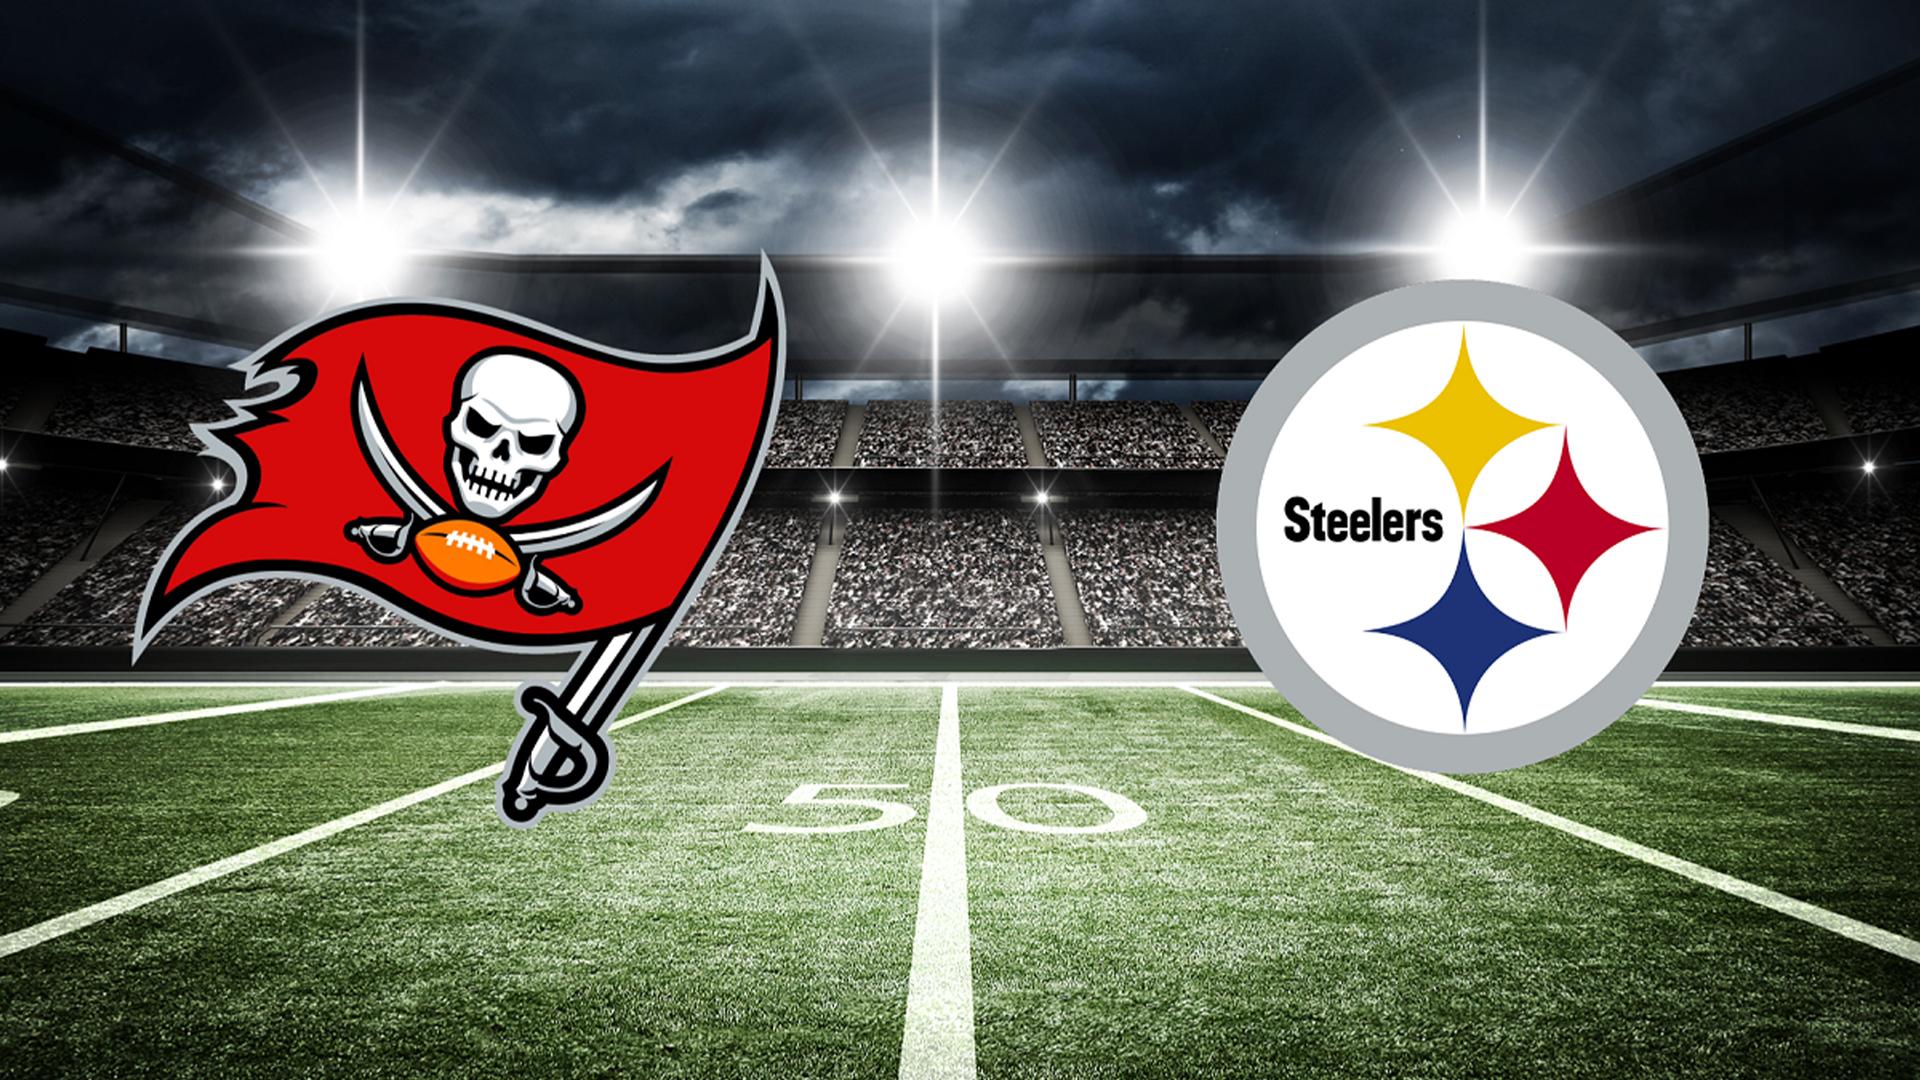 aae56d97 Bucs fall to Steelers 28-30 | WFLA